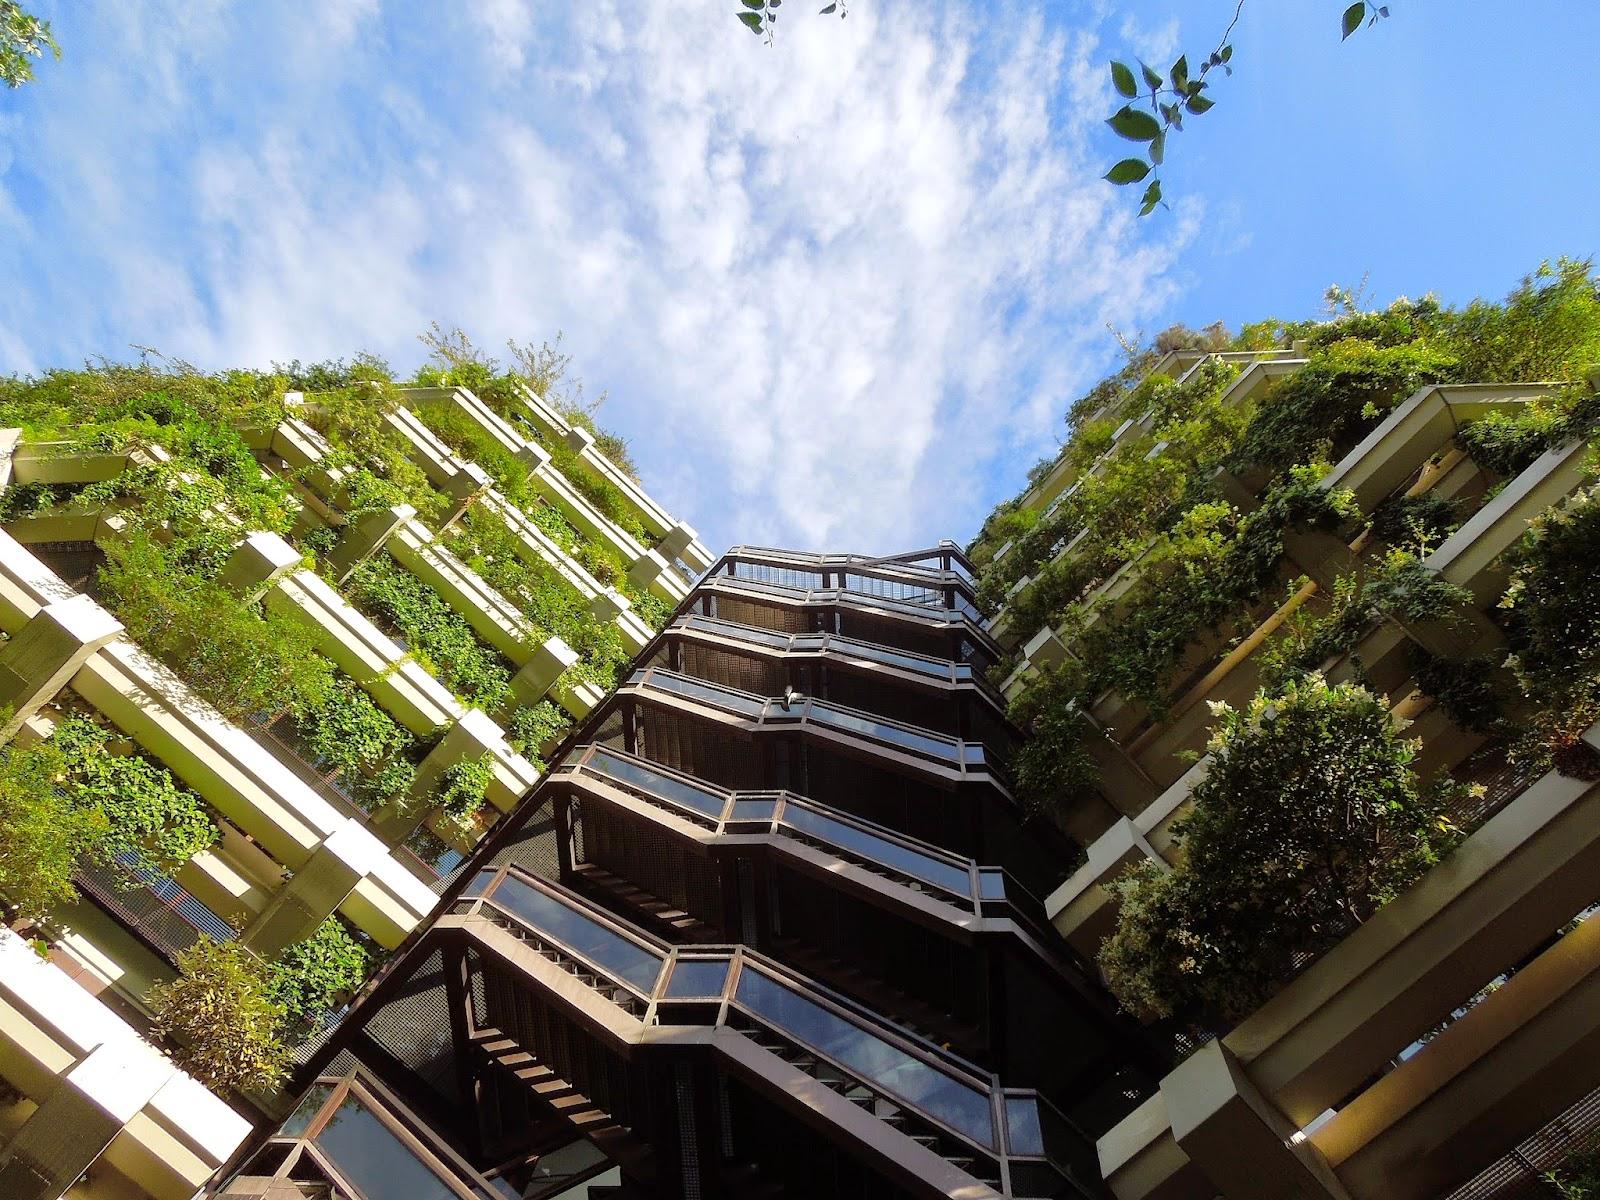 Empresas jardineria barcelona best les fulles jardiners for Empresas jardineria barcelona